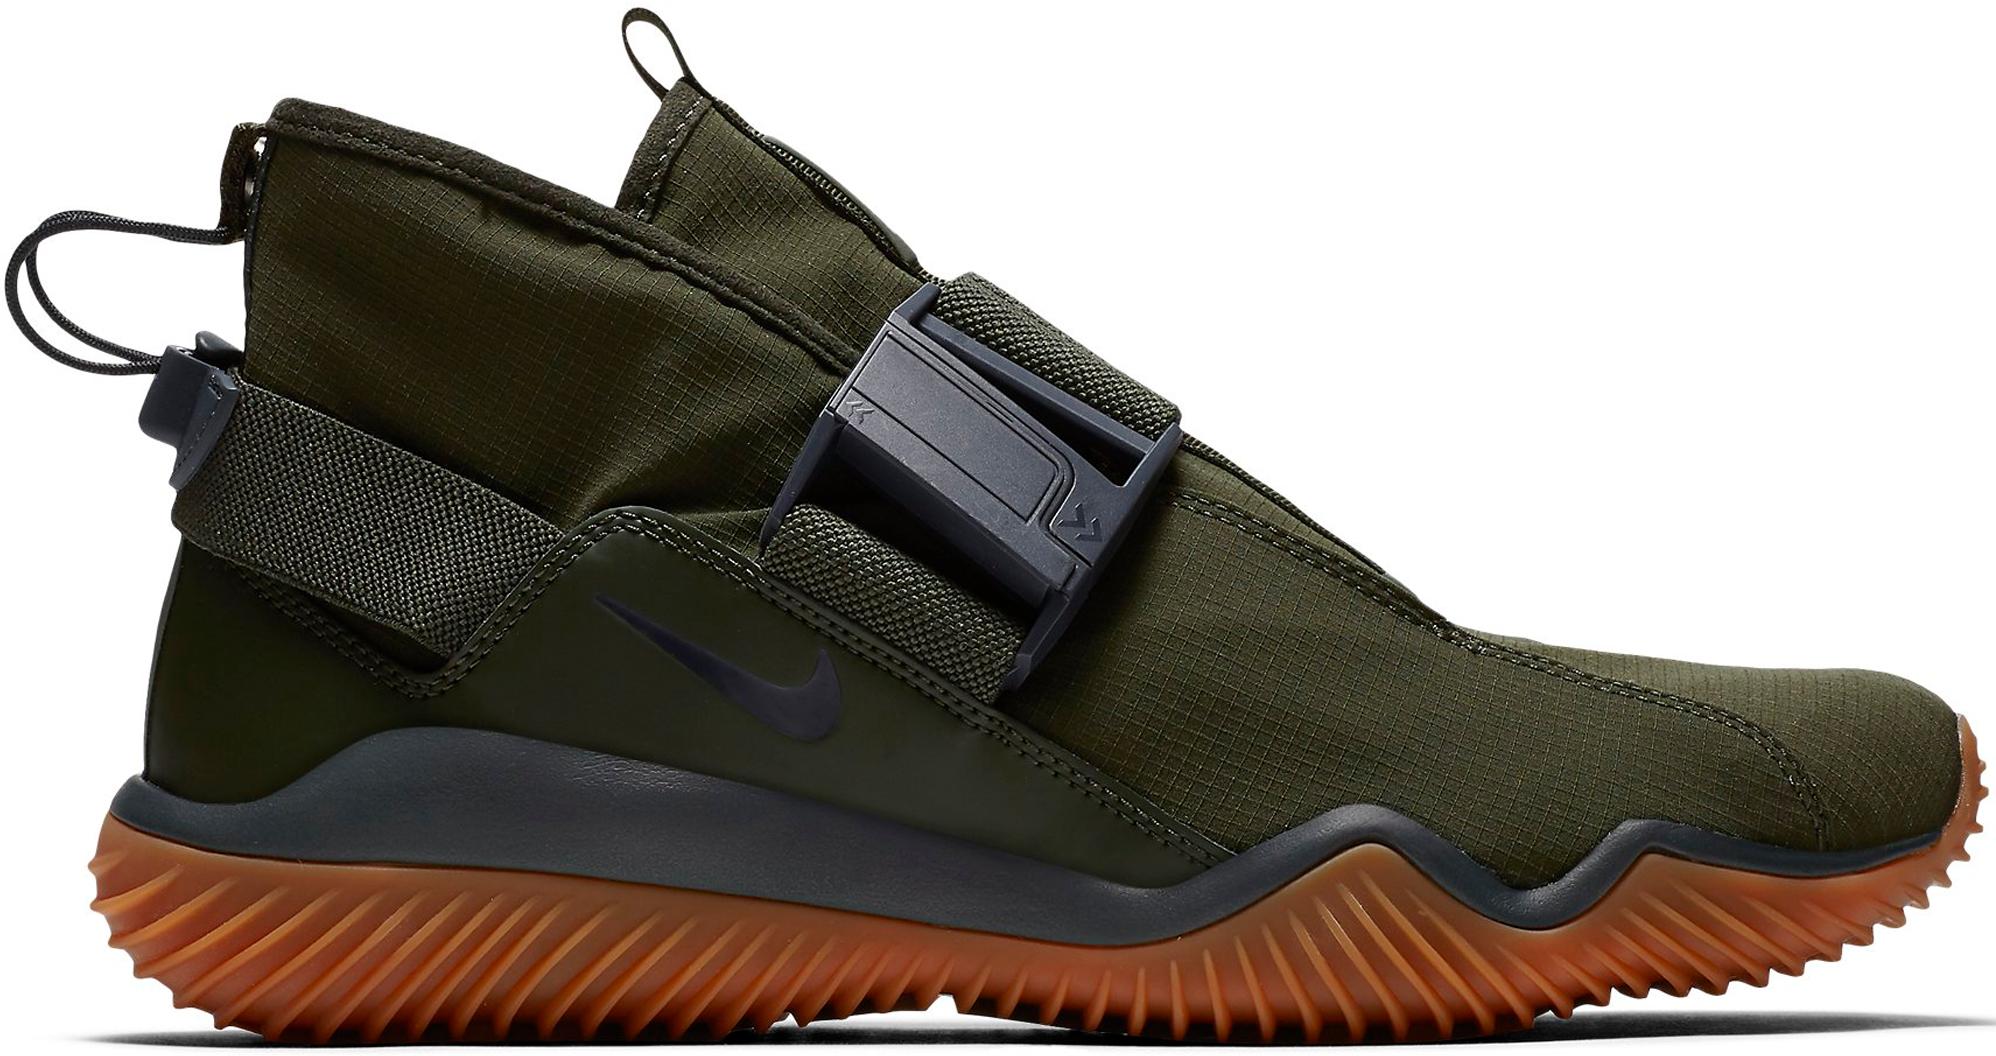 Nike KMTR Sequoia